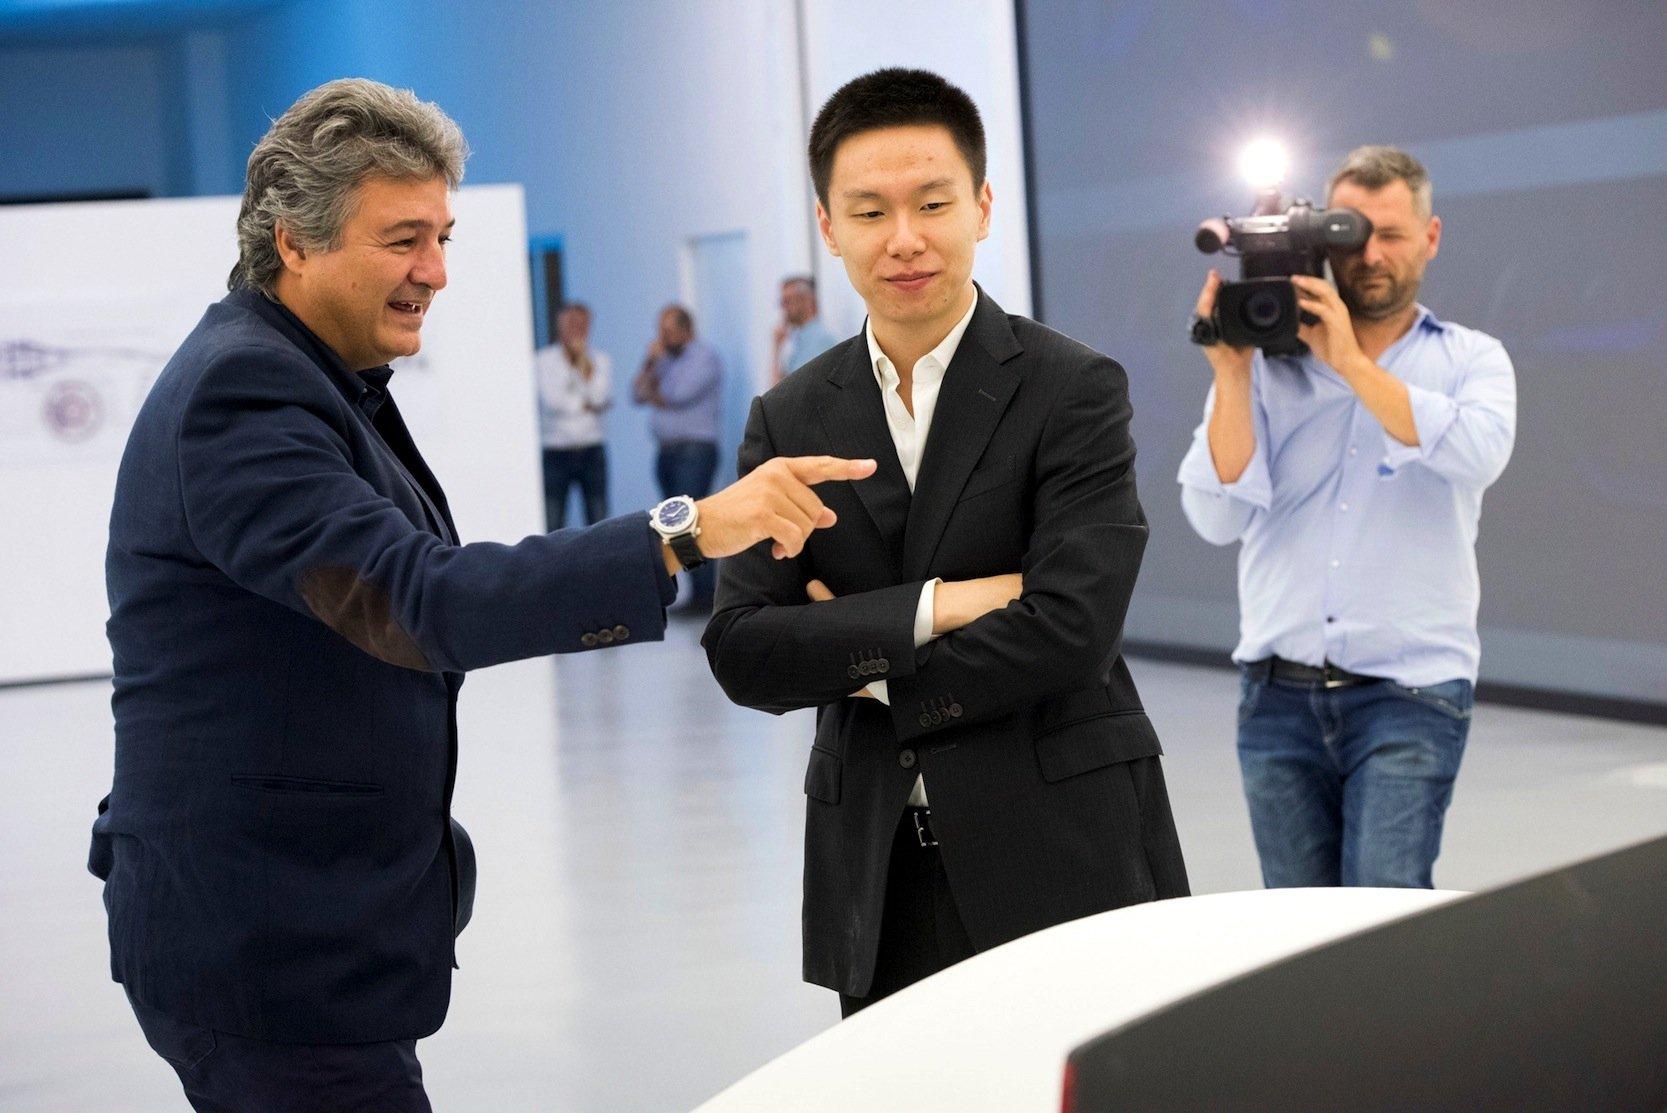 Sprechen über das Design des Supersportlers: DesignerFabrizio Giugiaro (l.) und Technikchef Matthew Jin.